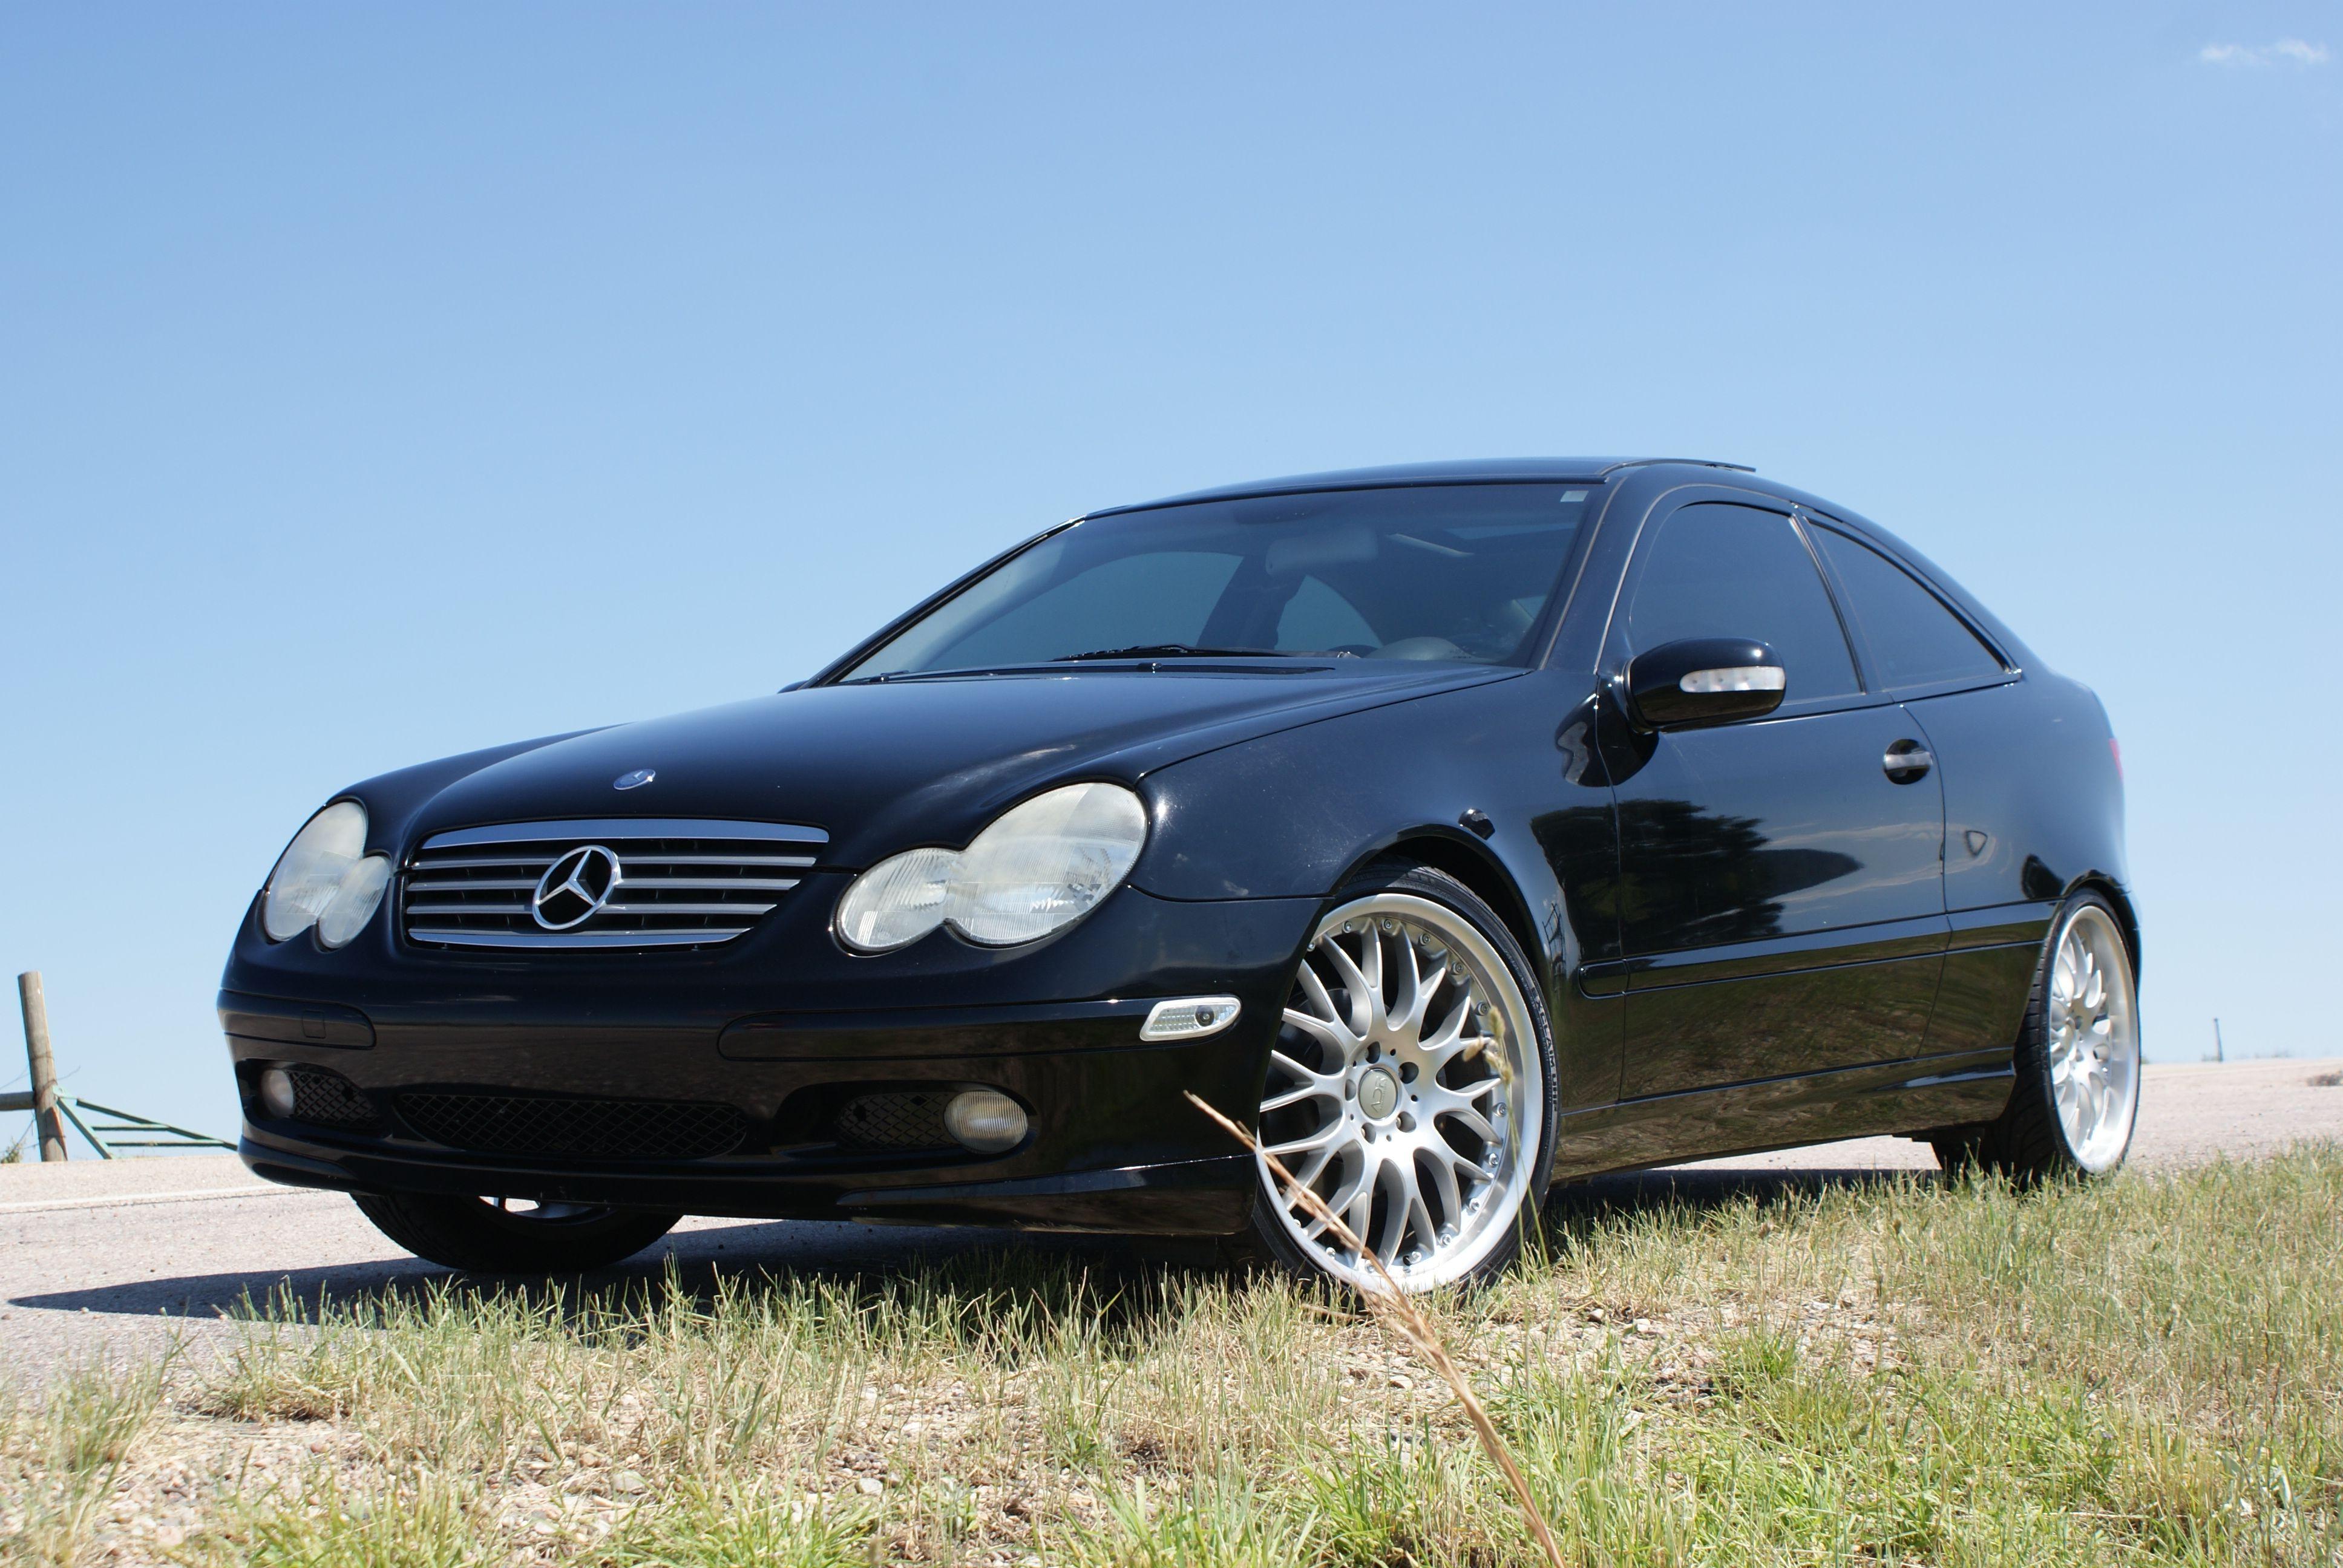 2002 Mercedes Benz C230 Kompressor Sport Coupe